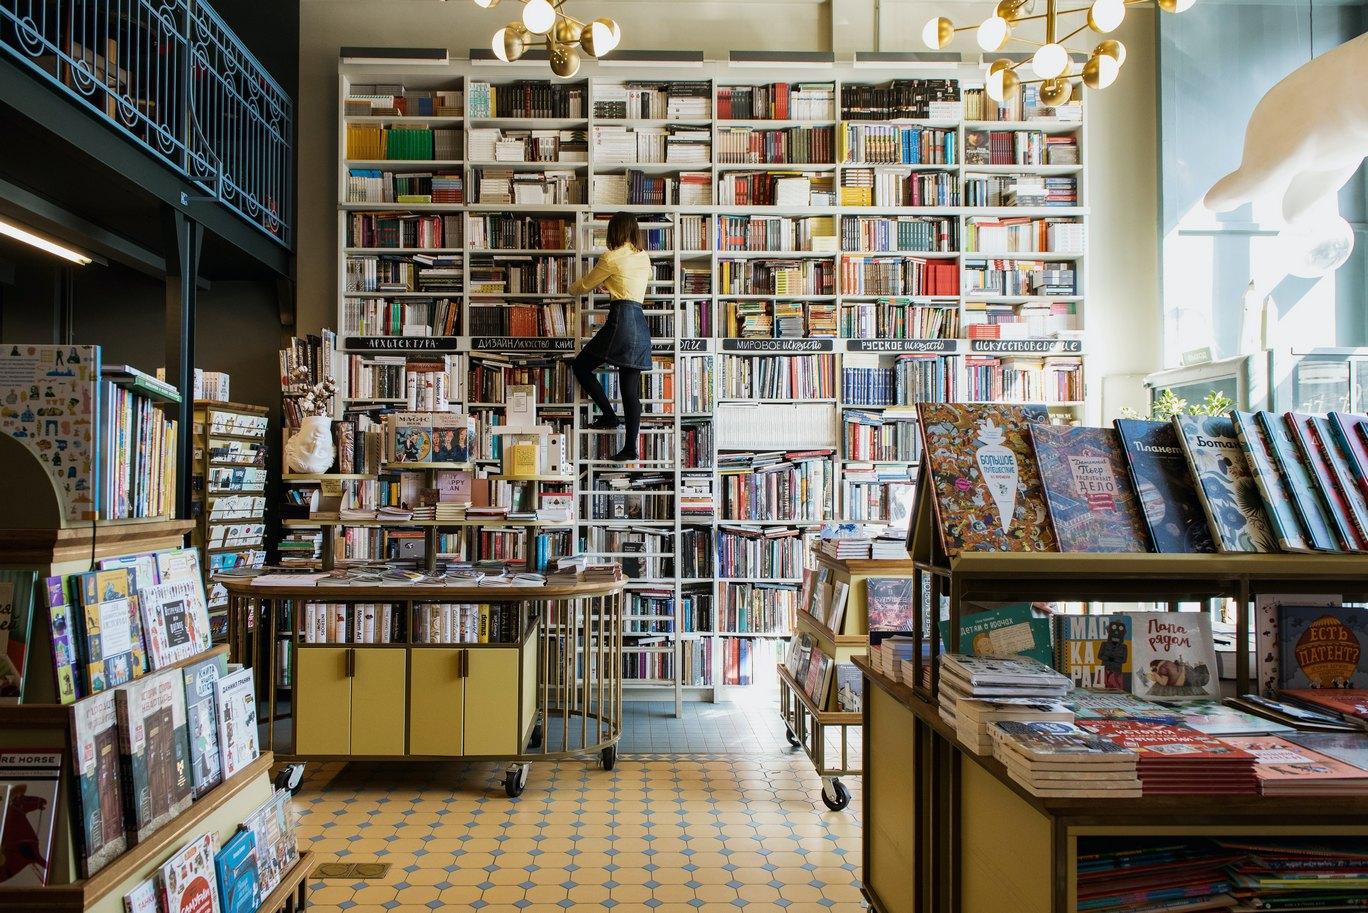 【獨立書店生與死】什麼才是獨立書店該有的「提案力」?